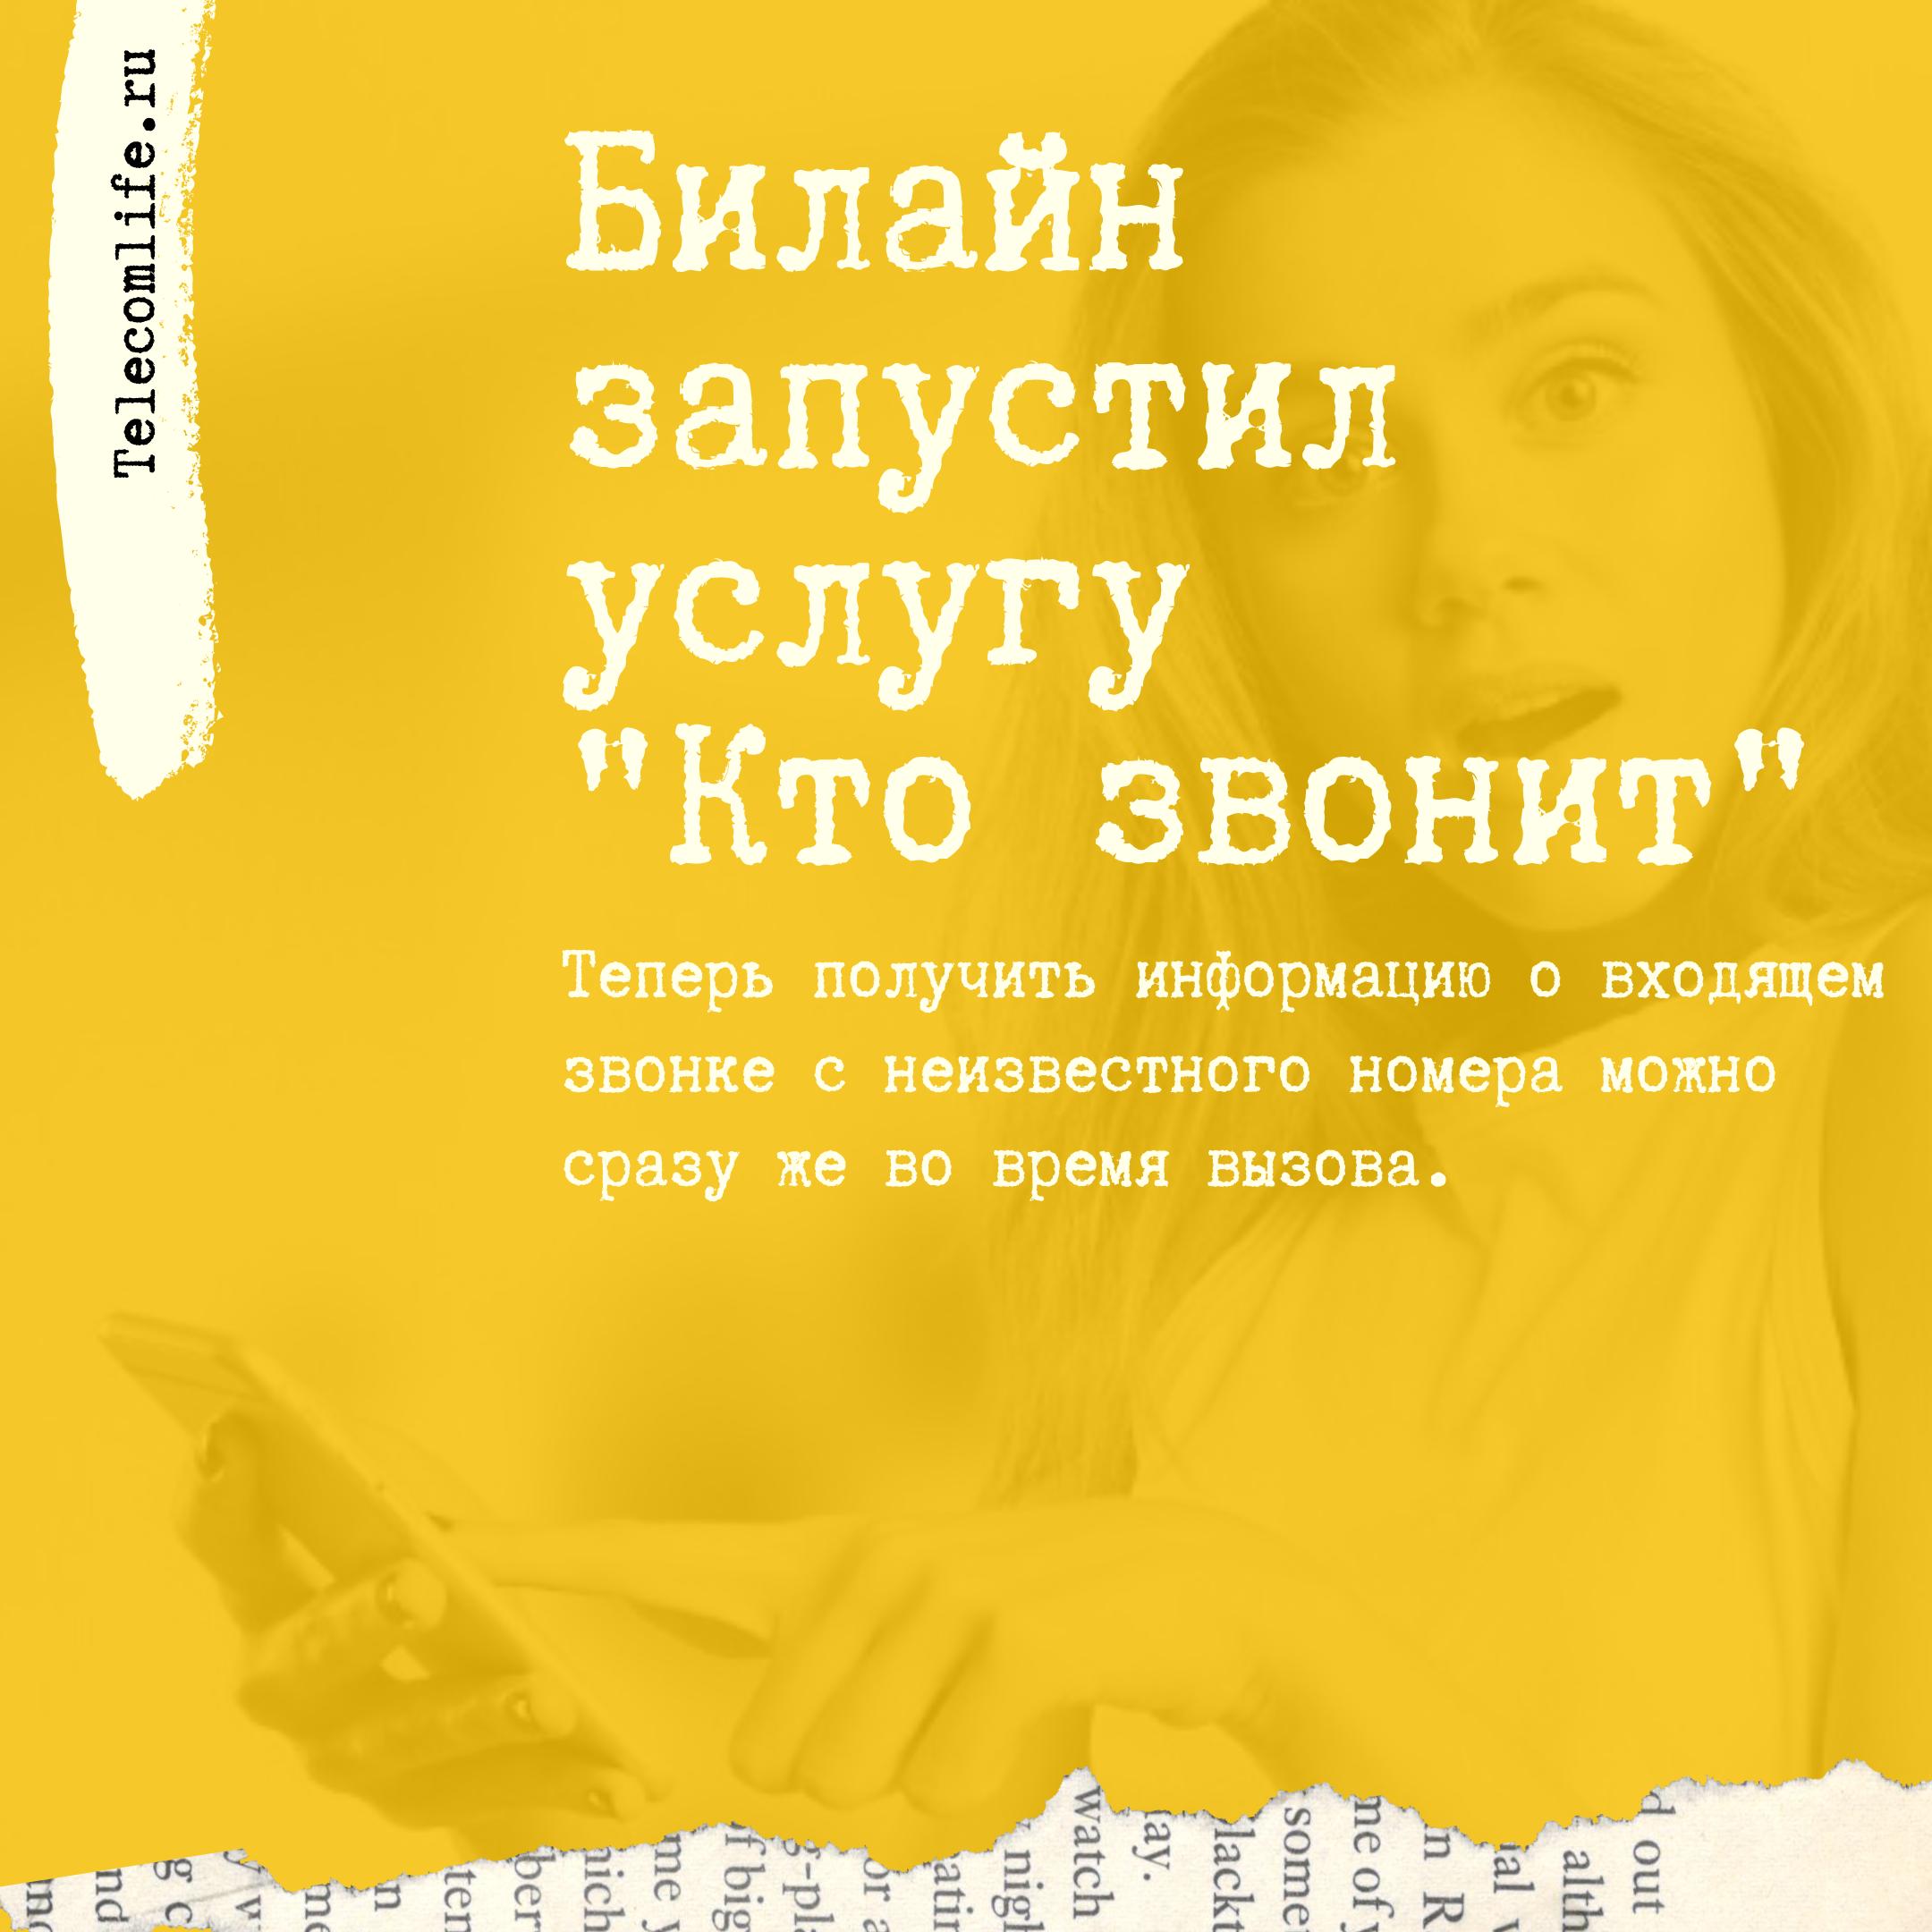 Билайн запускает новую услугу «Кто звонит» (не путаем с «Кто звонил») 1